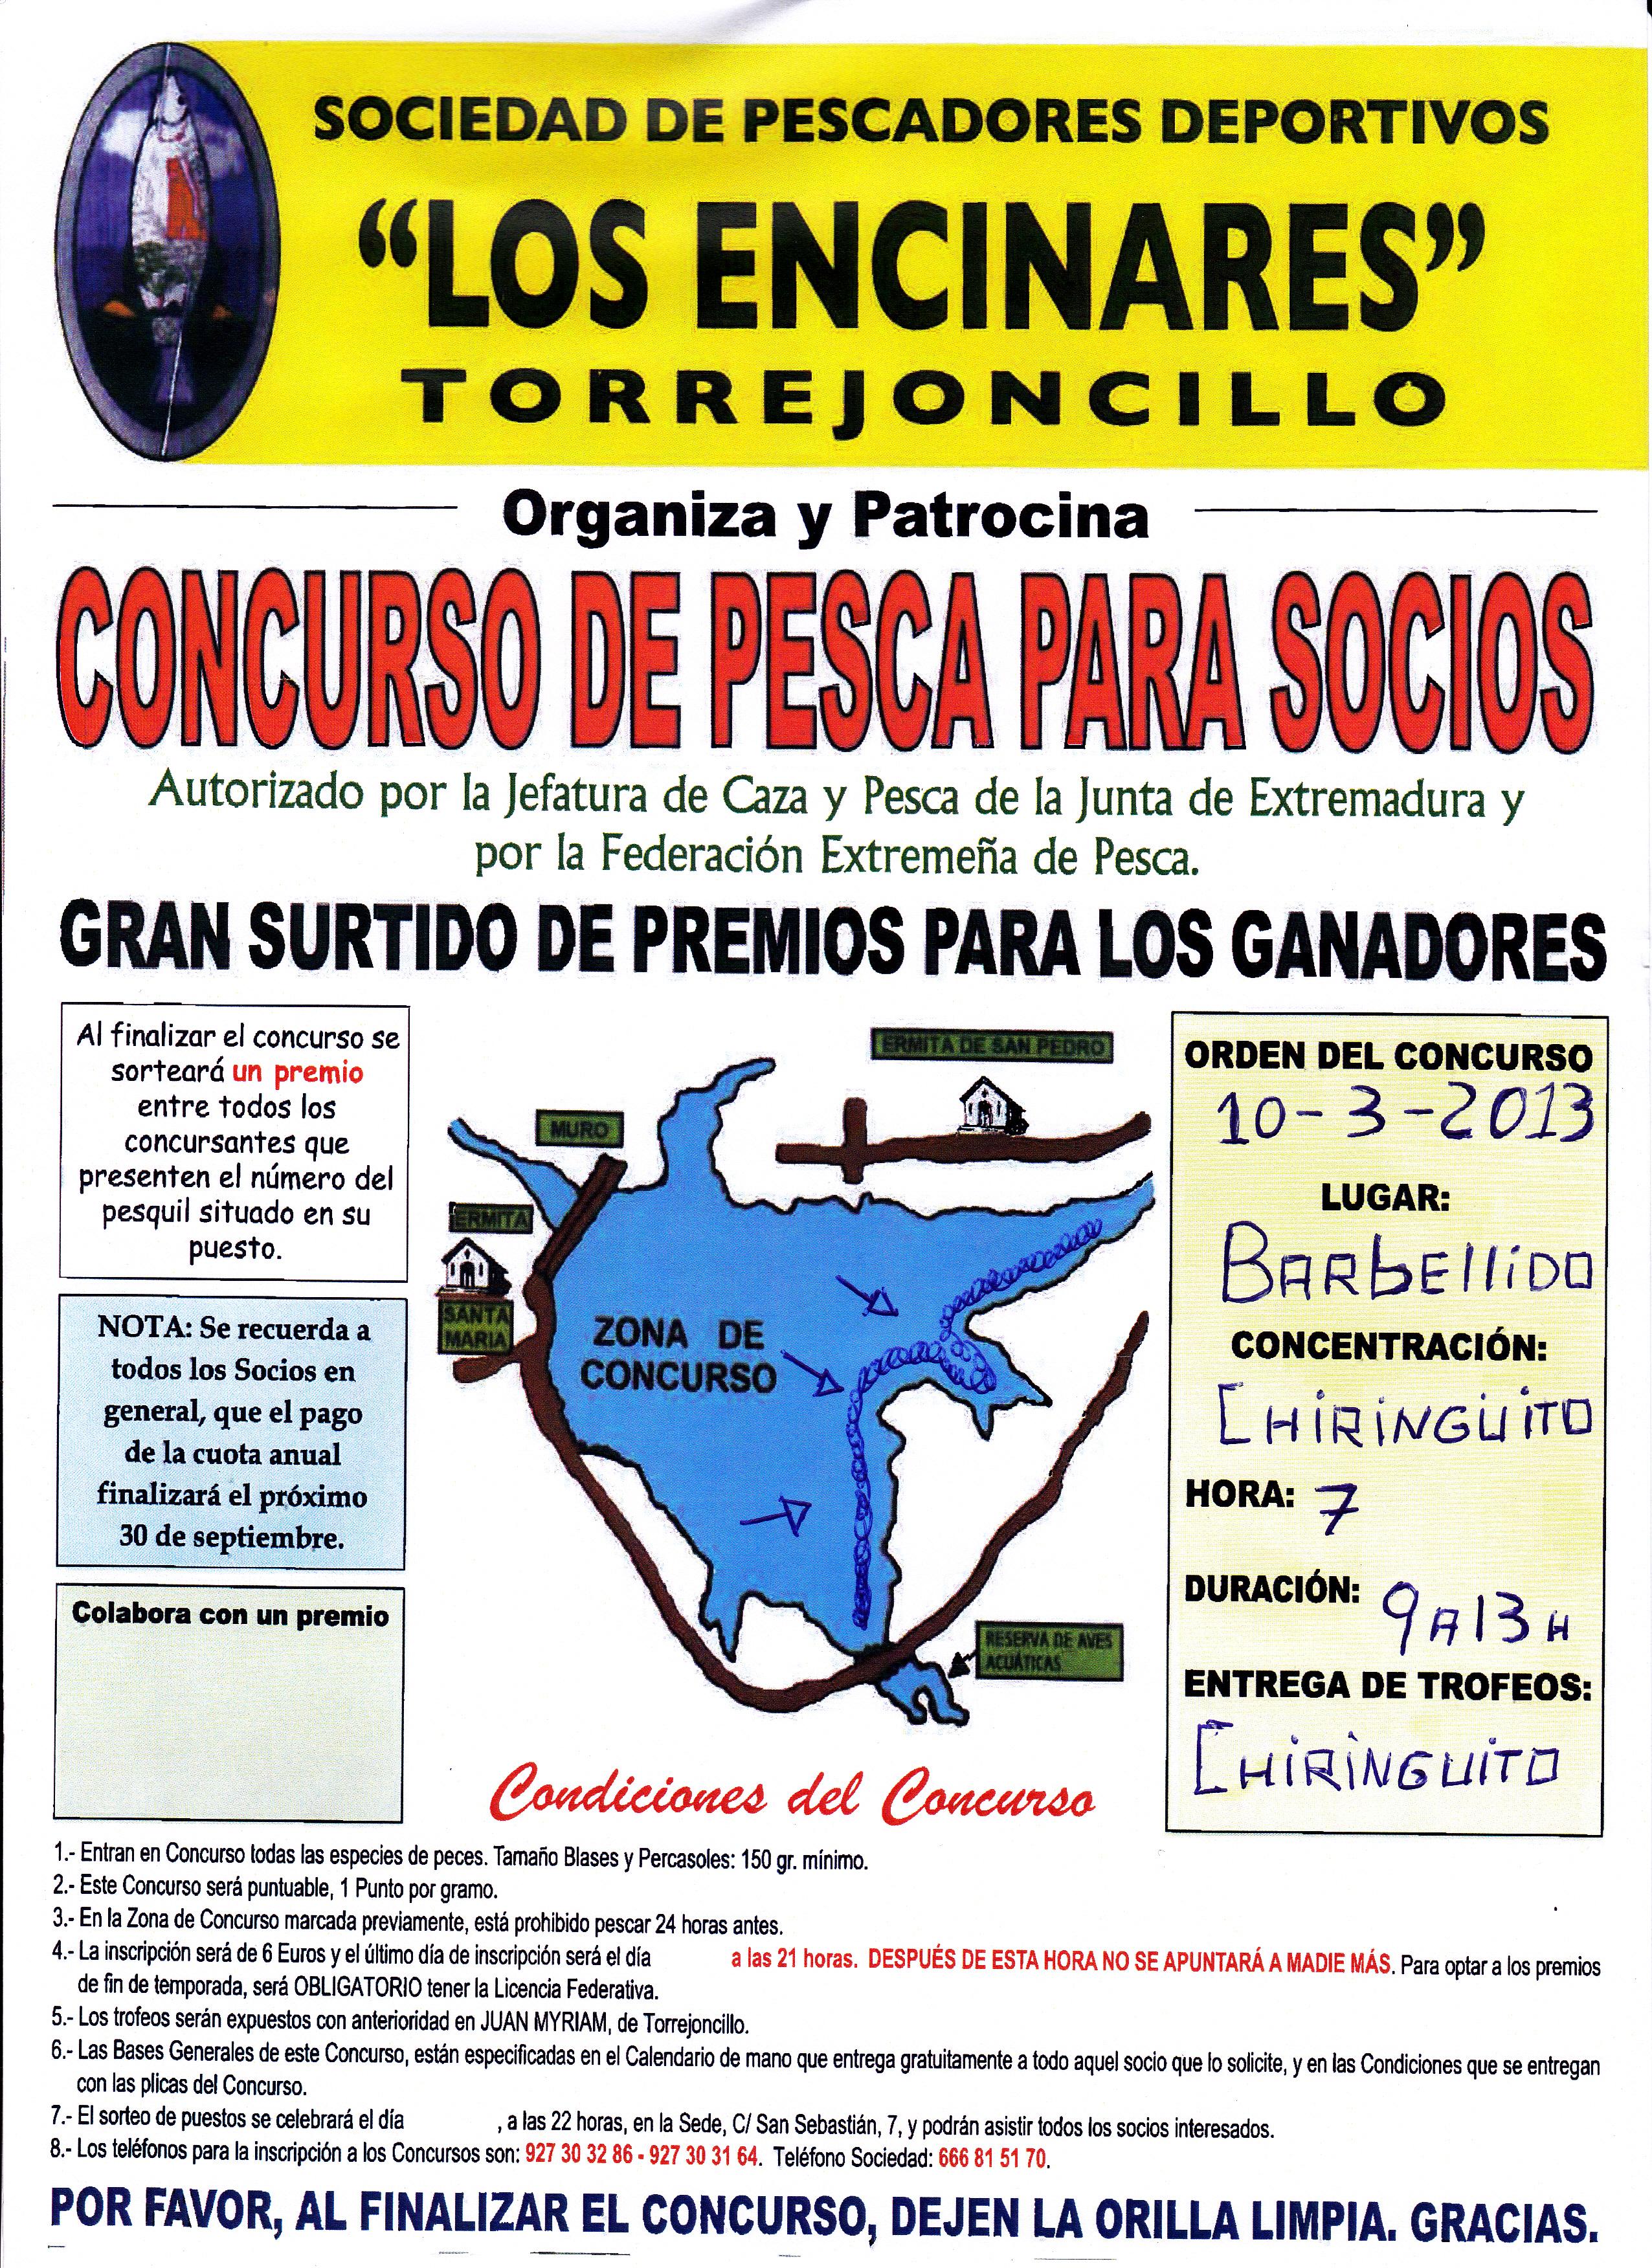 Primer concurso de pesca, temporada 2013, de la Sociedad Deportiva «Los Encinares»